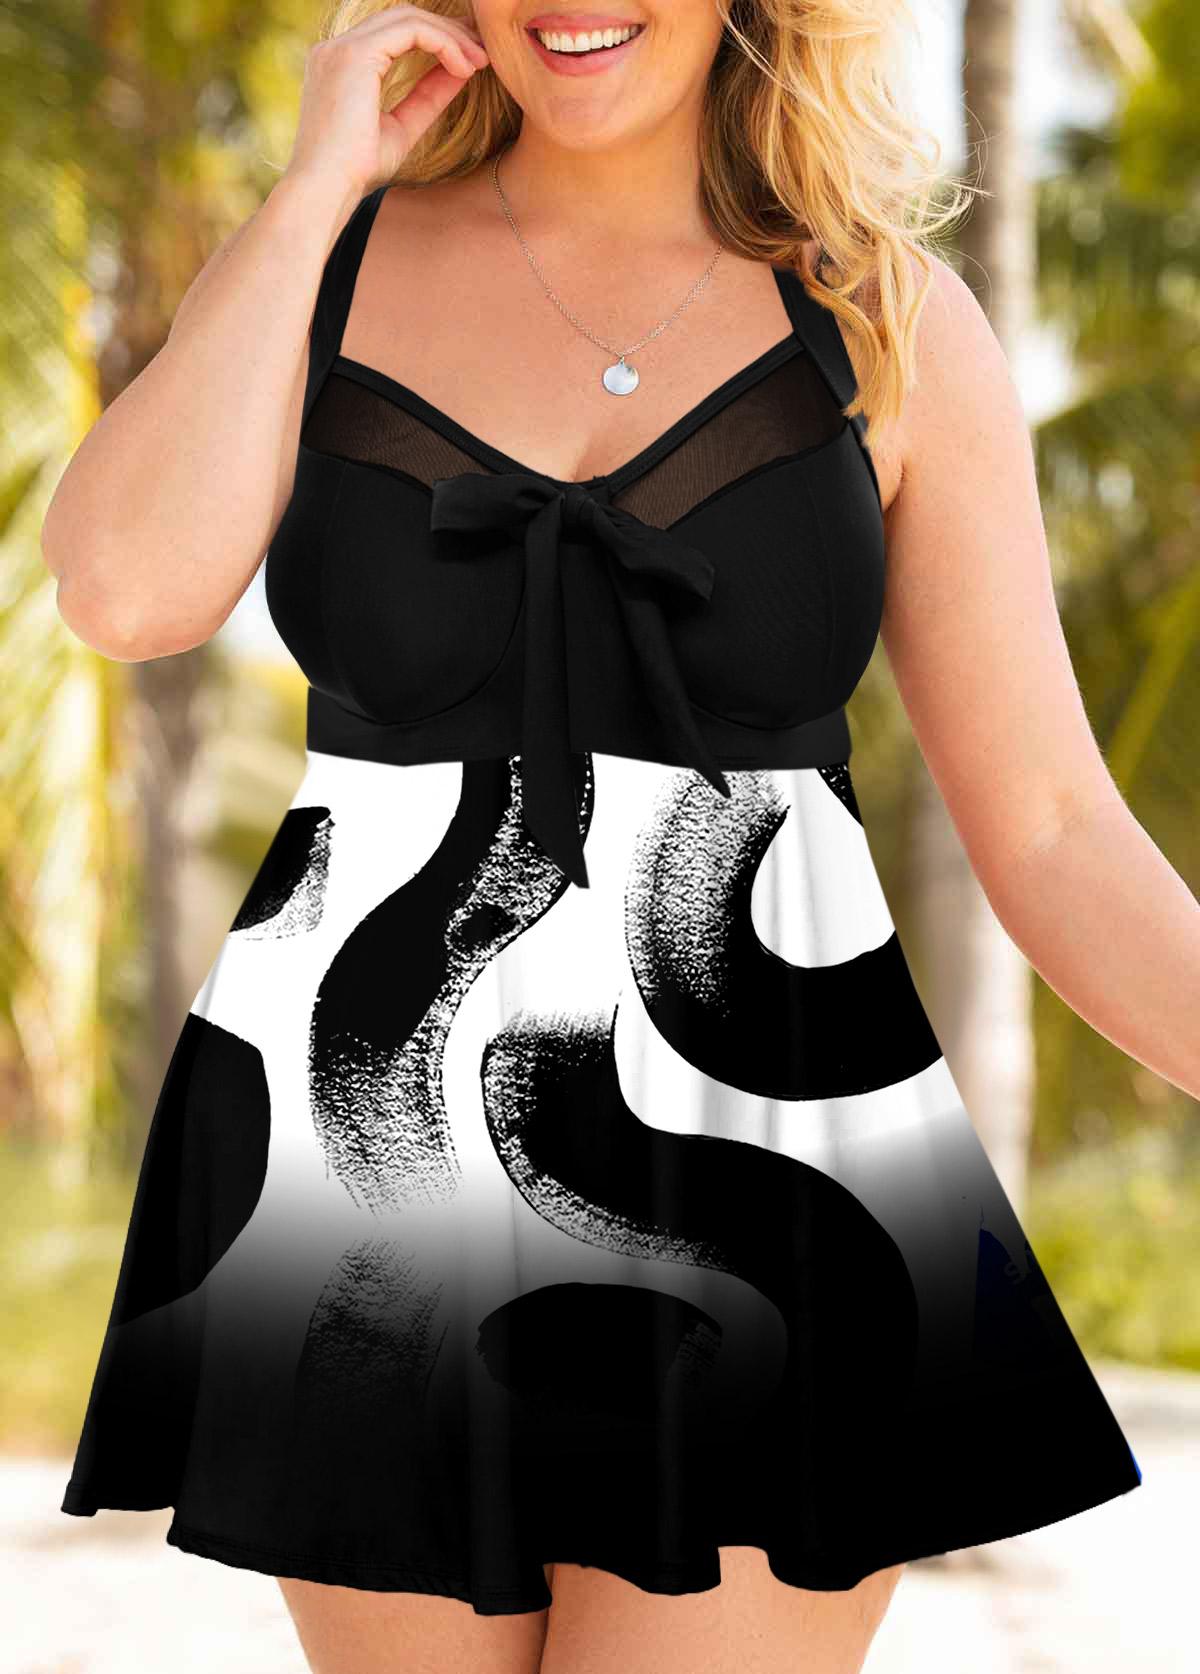 Printed Mesh Stitching Plus Size Swimdress and Panty